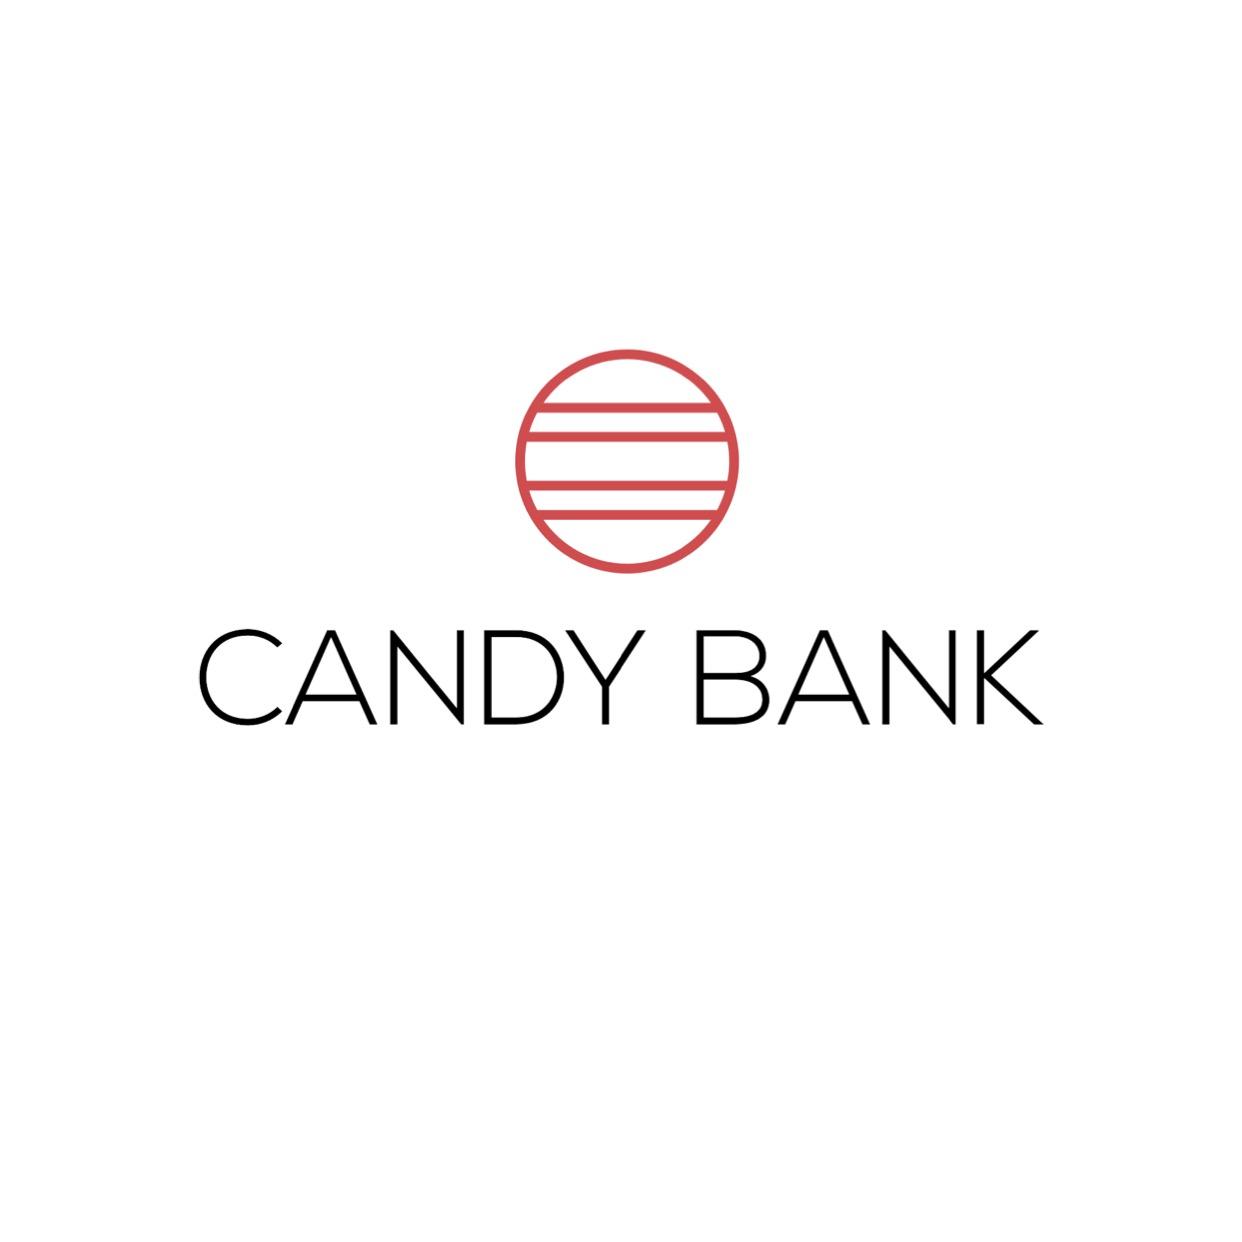 Логотип для международного банка фото f_3045d6bfe328b121.jpg